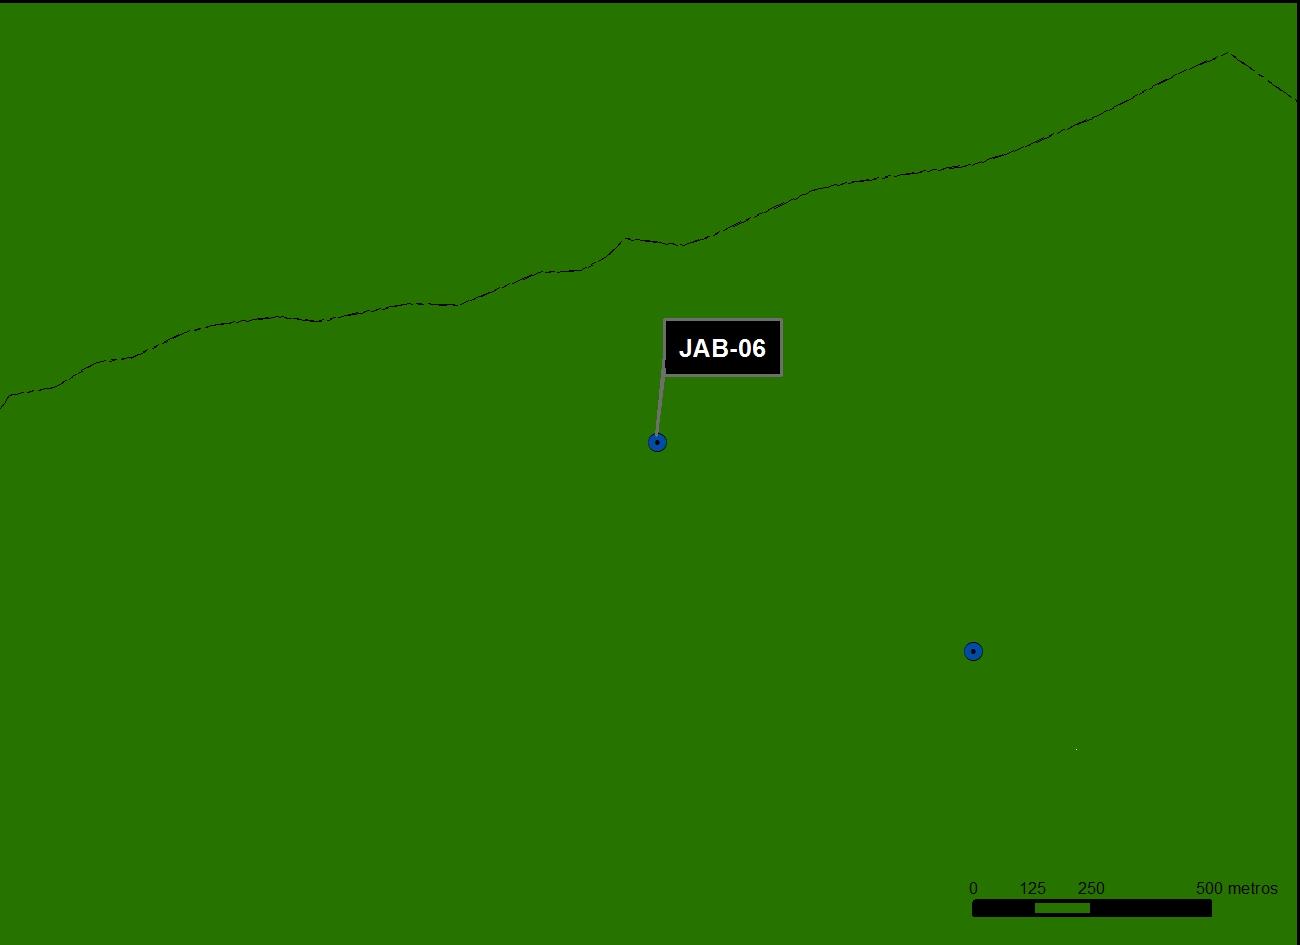 JAB_06_M.V.LOZANO_MONREAL_MAP.VEG